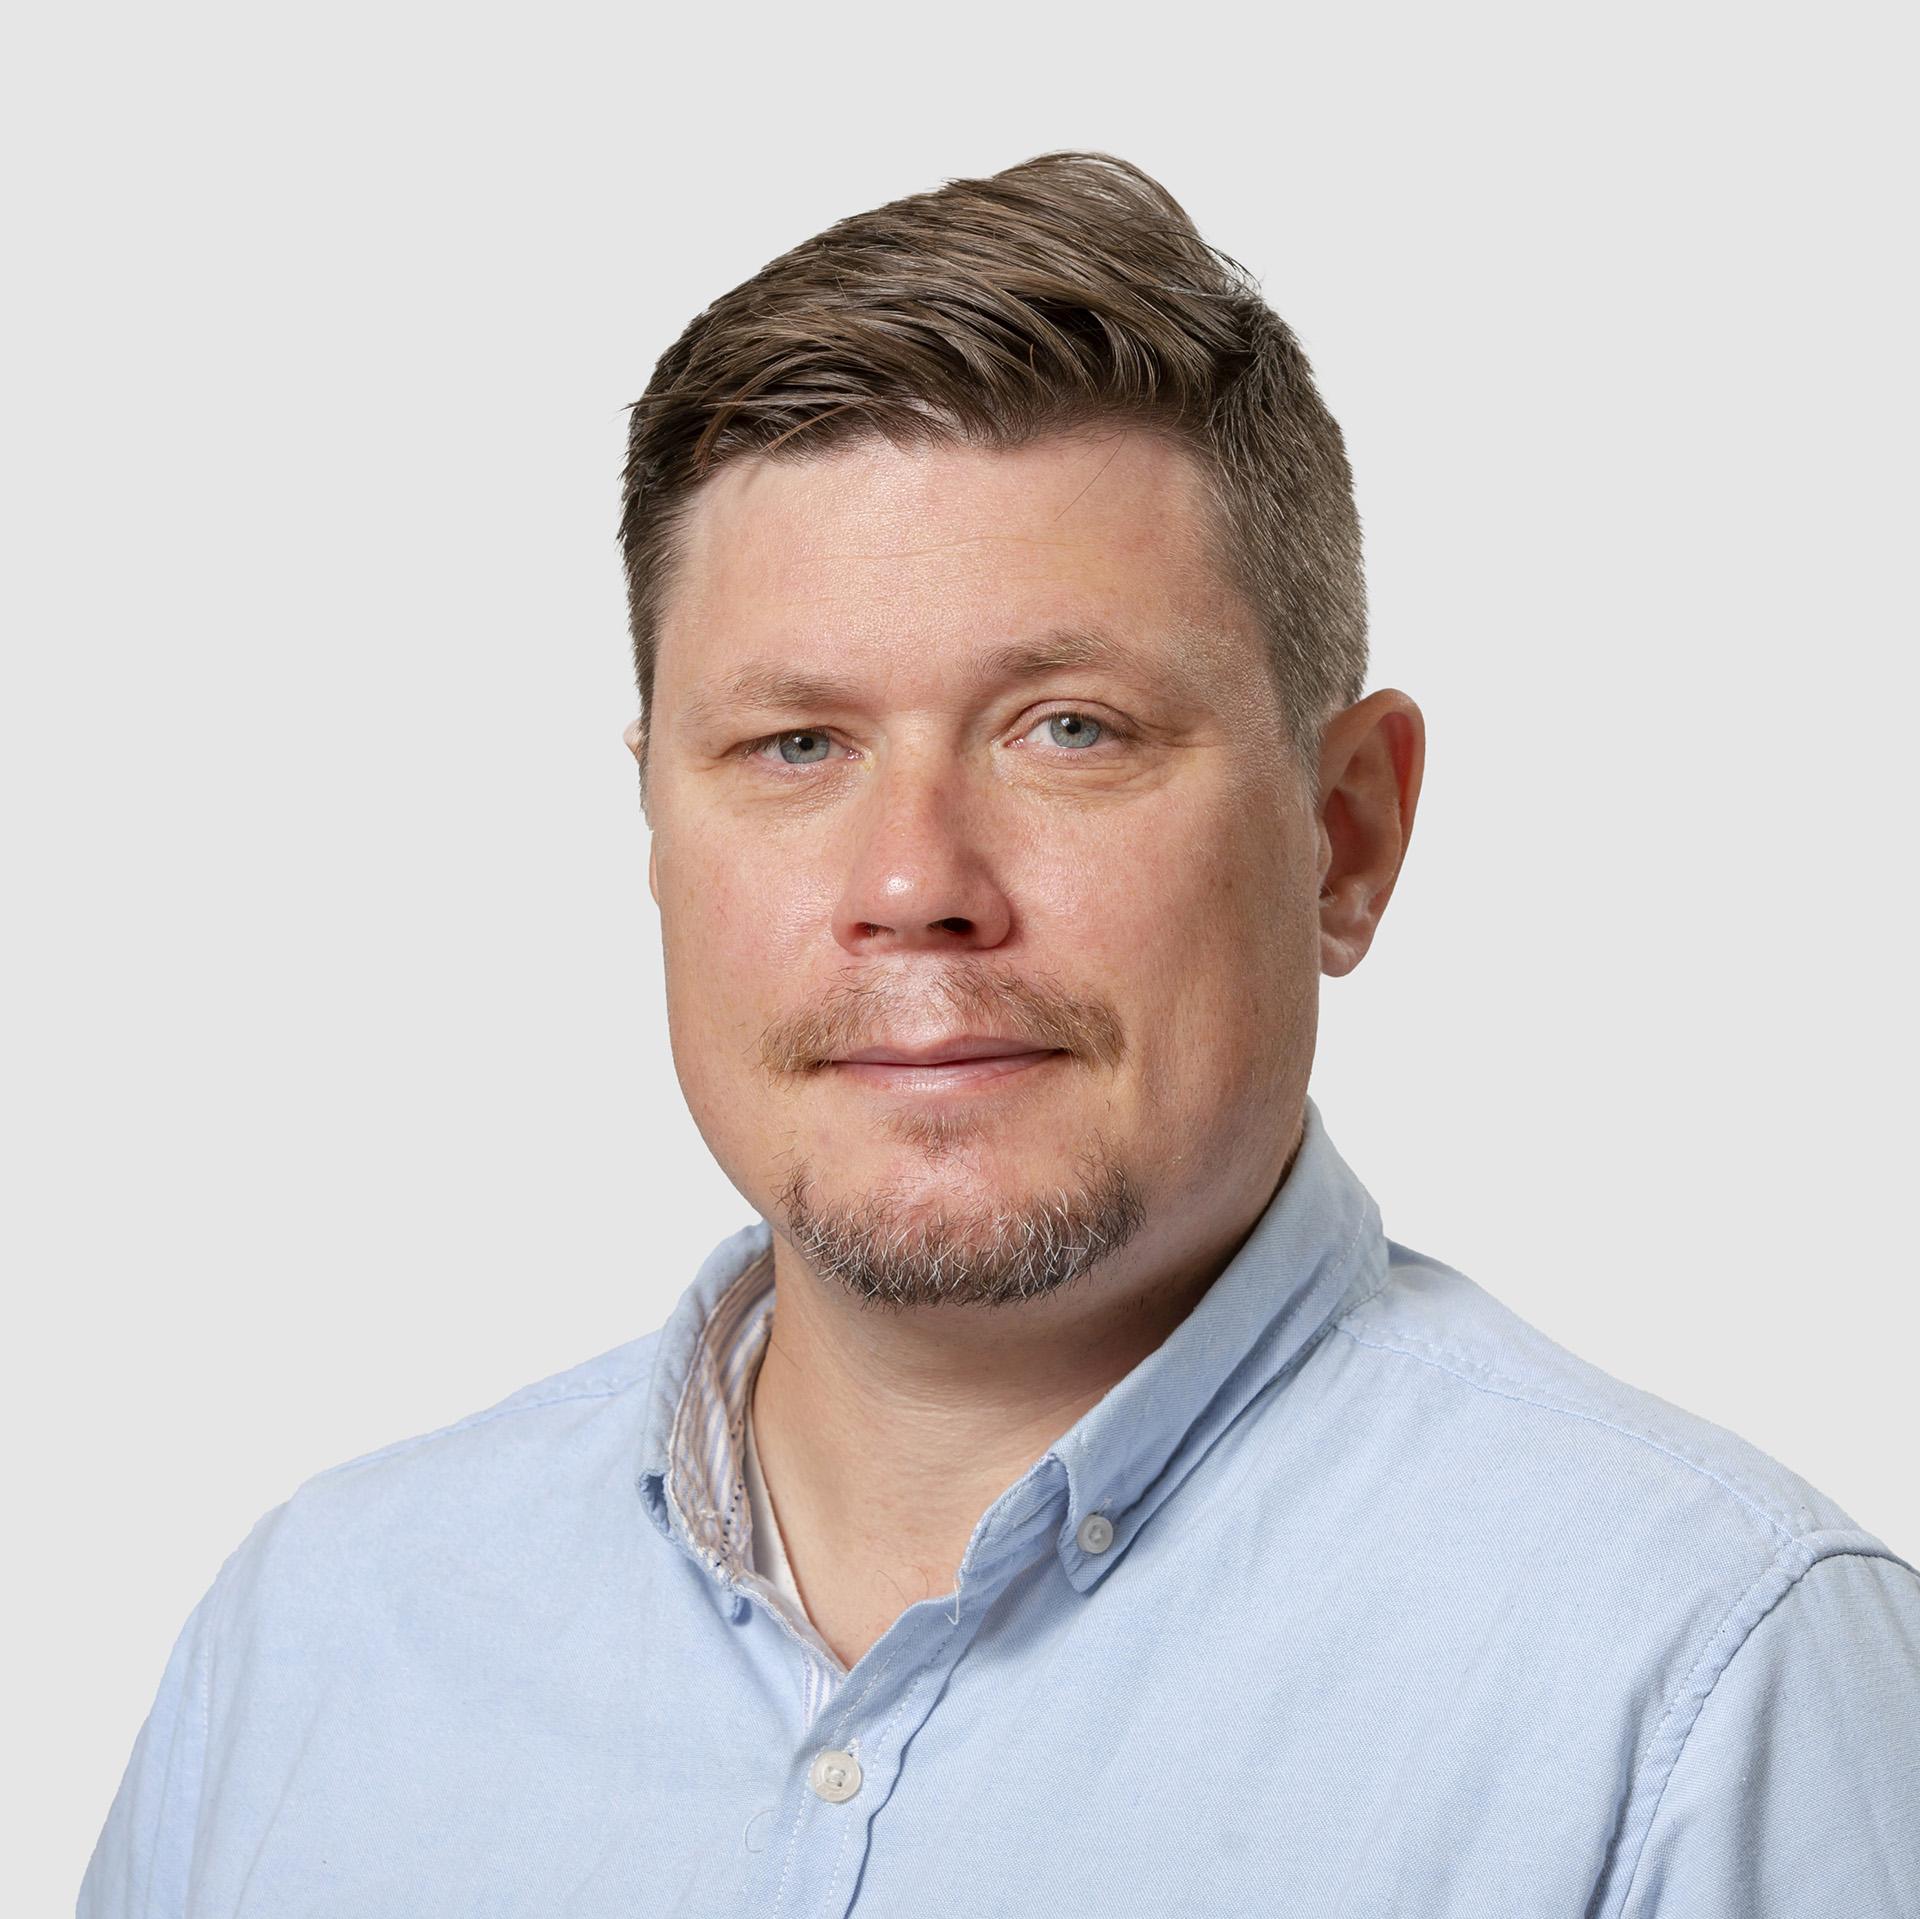 Robert Thorén